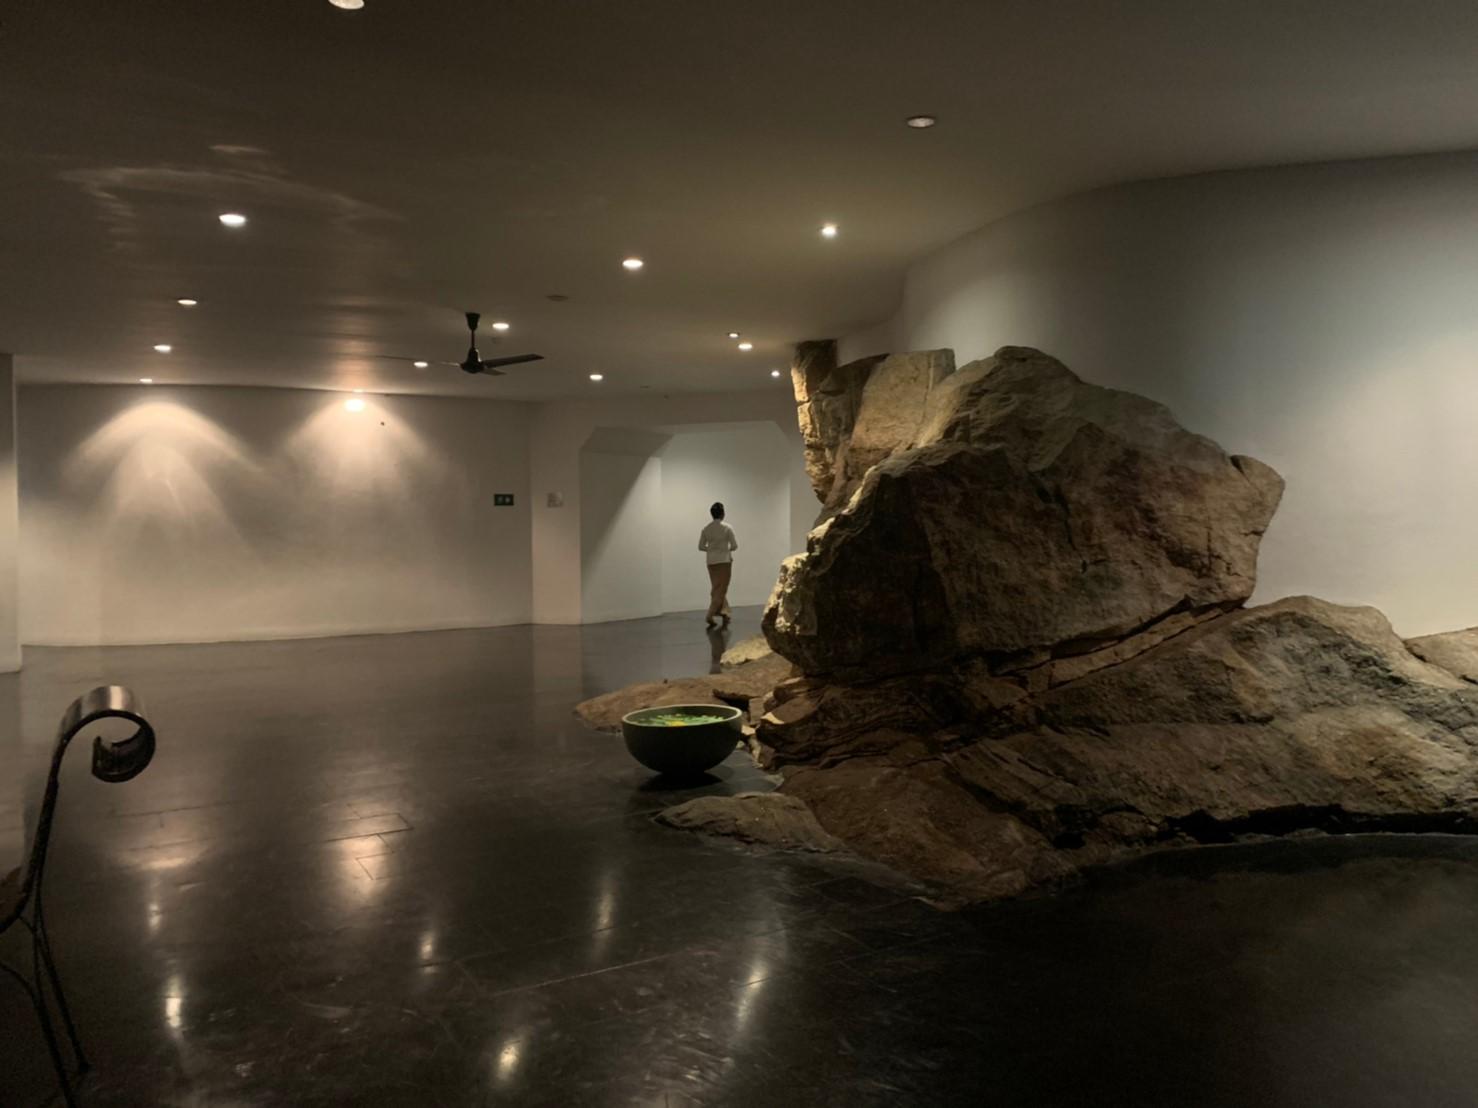 ヘリタンスカンダラマのせり出した岩